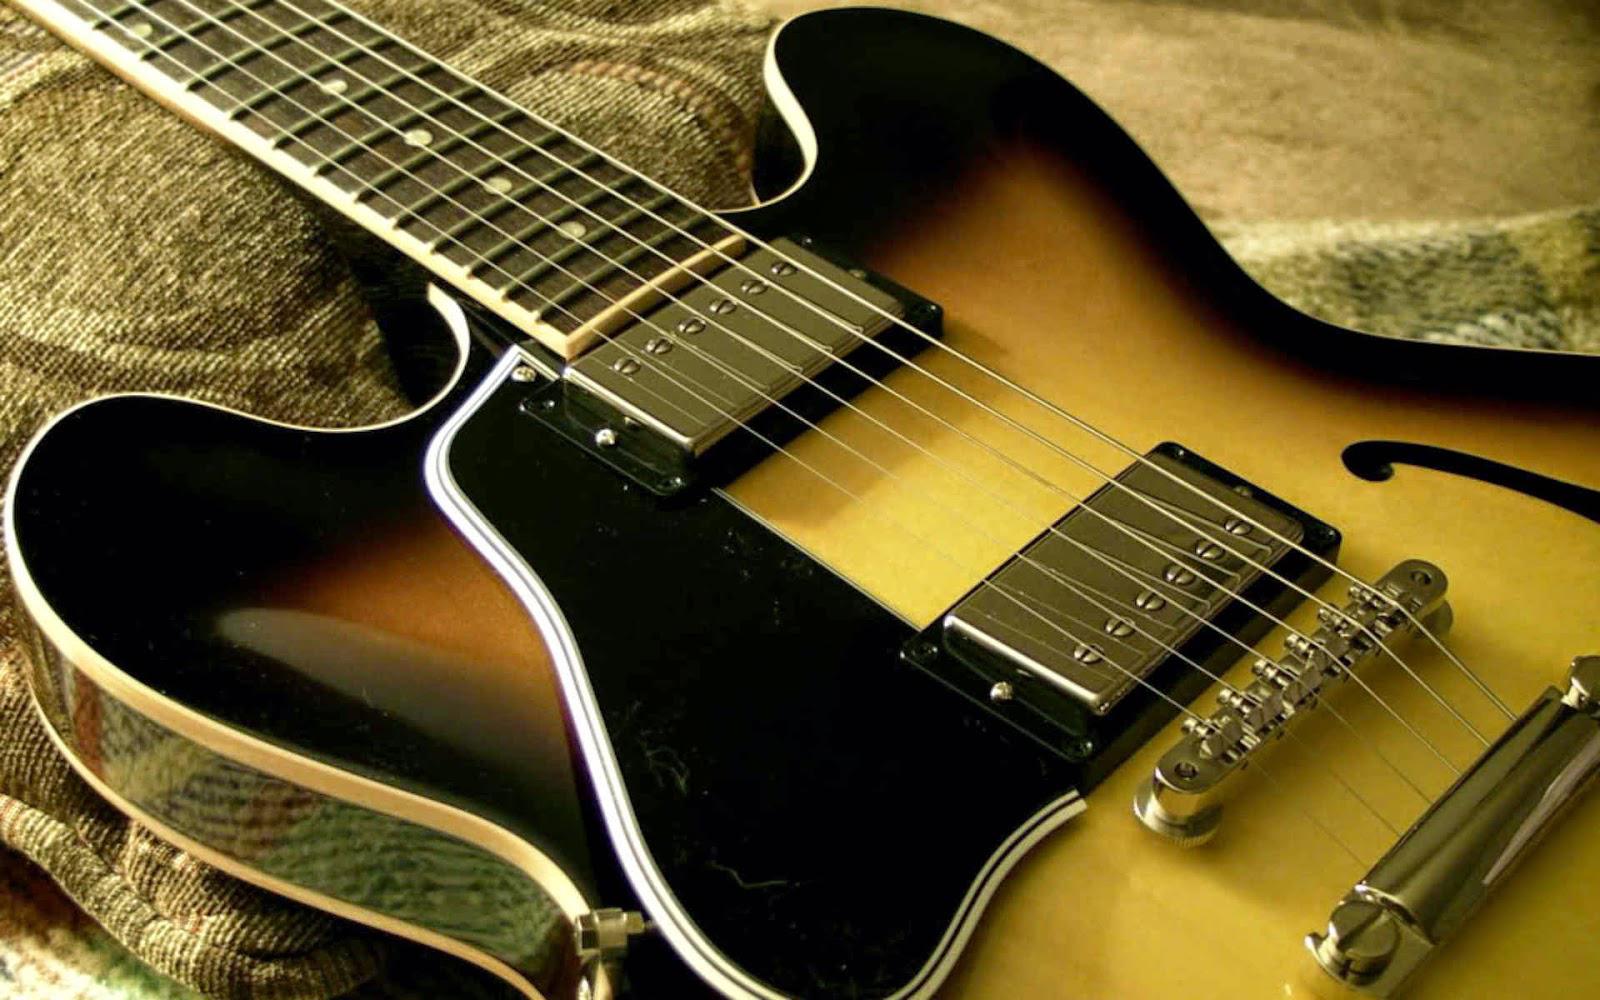 Acoustic Guitar Wallpaper - WallpaperSafari